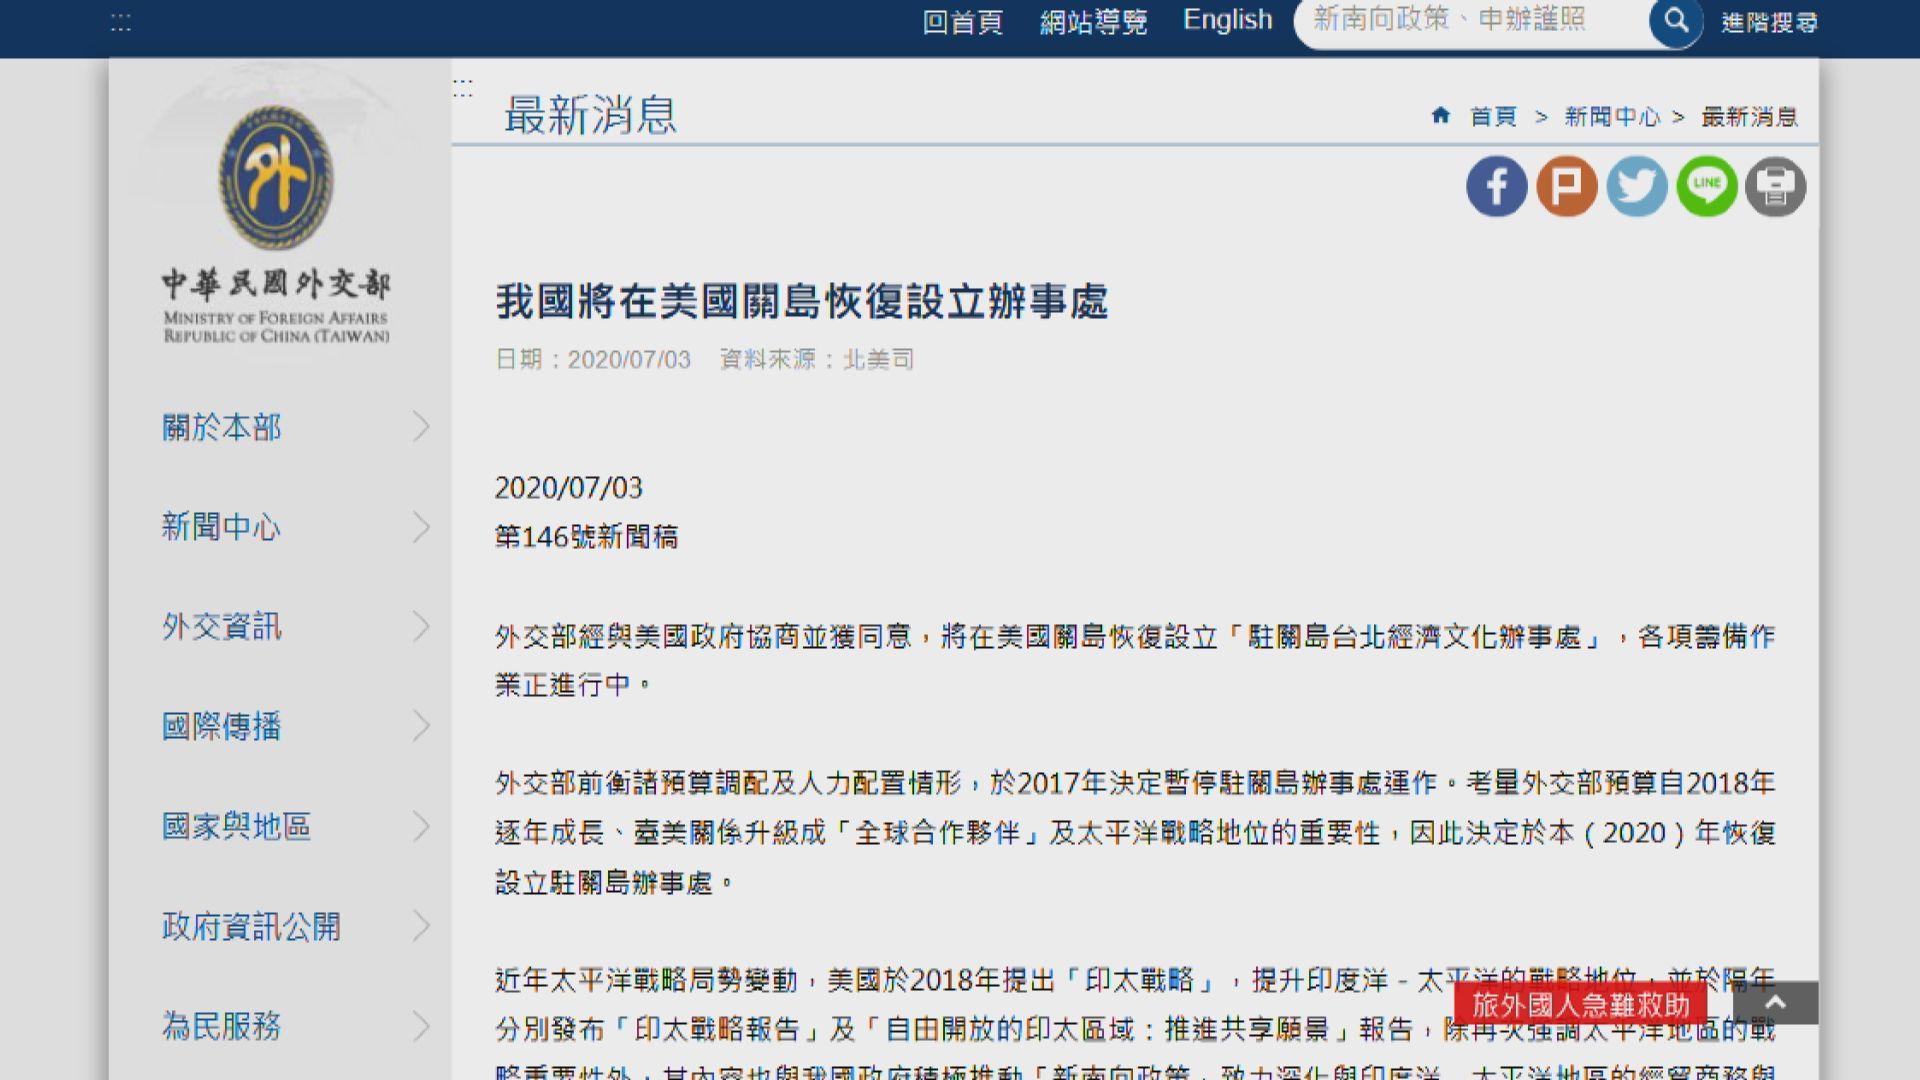 台灣復設駐關島經濟文化辦事處